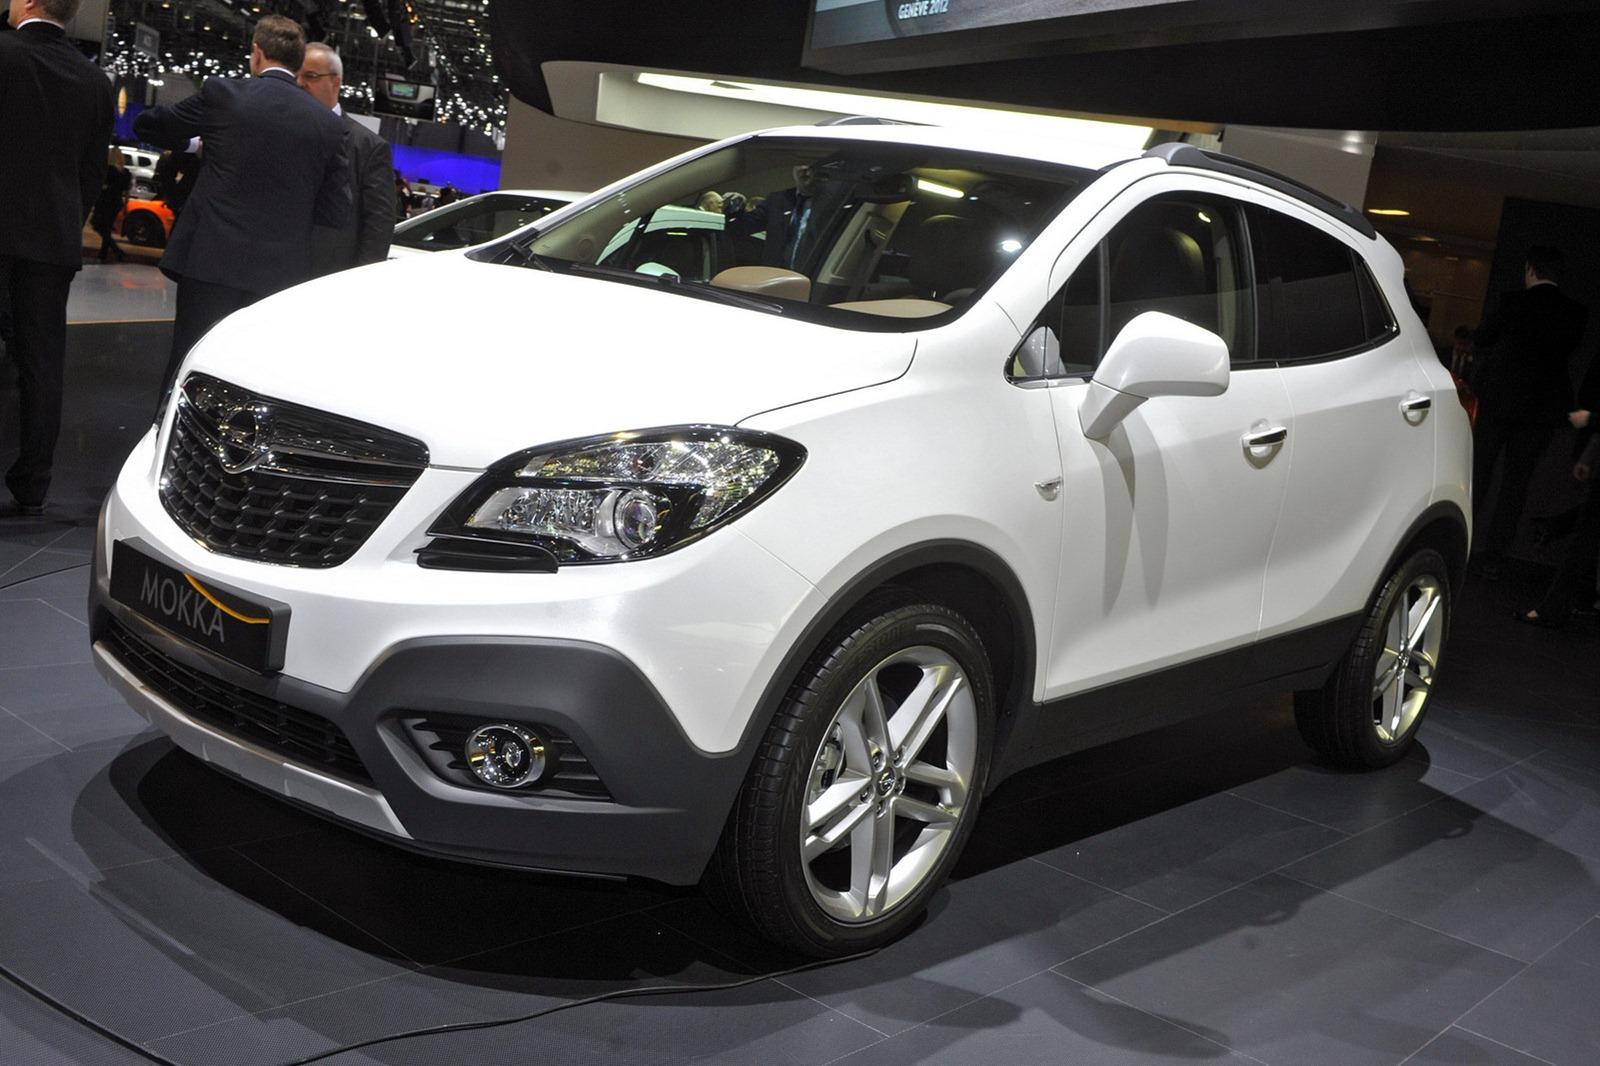 New 2013 Opel Mokka